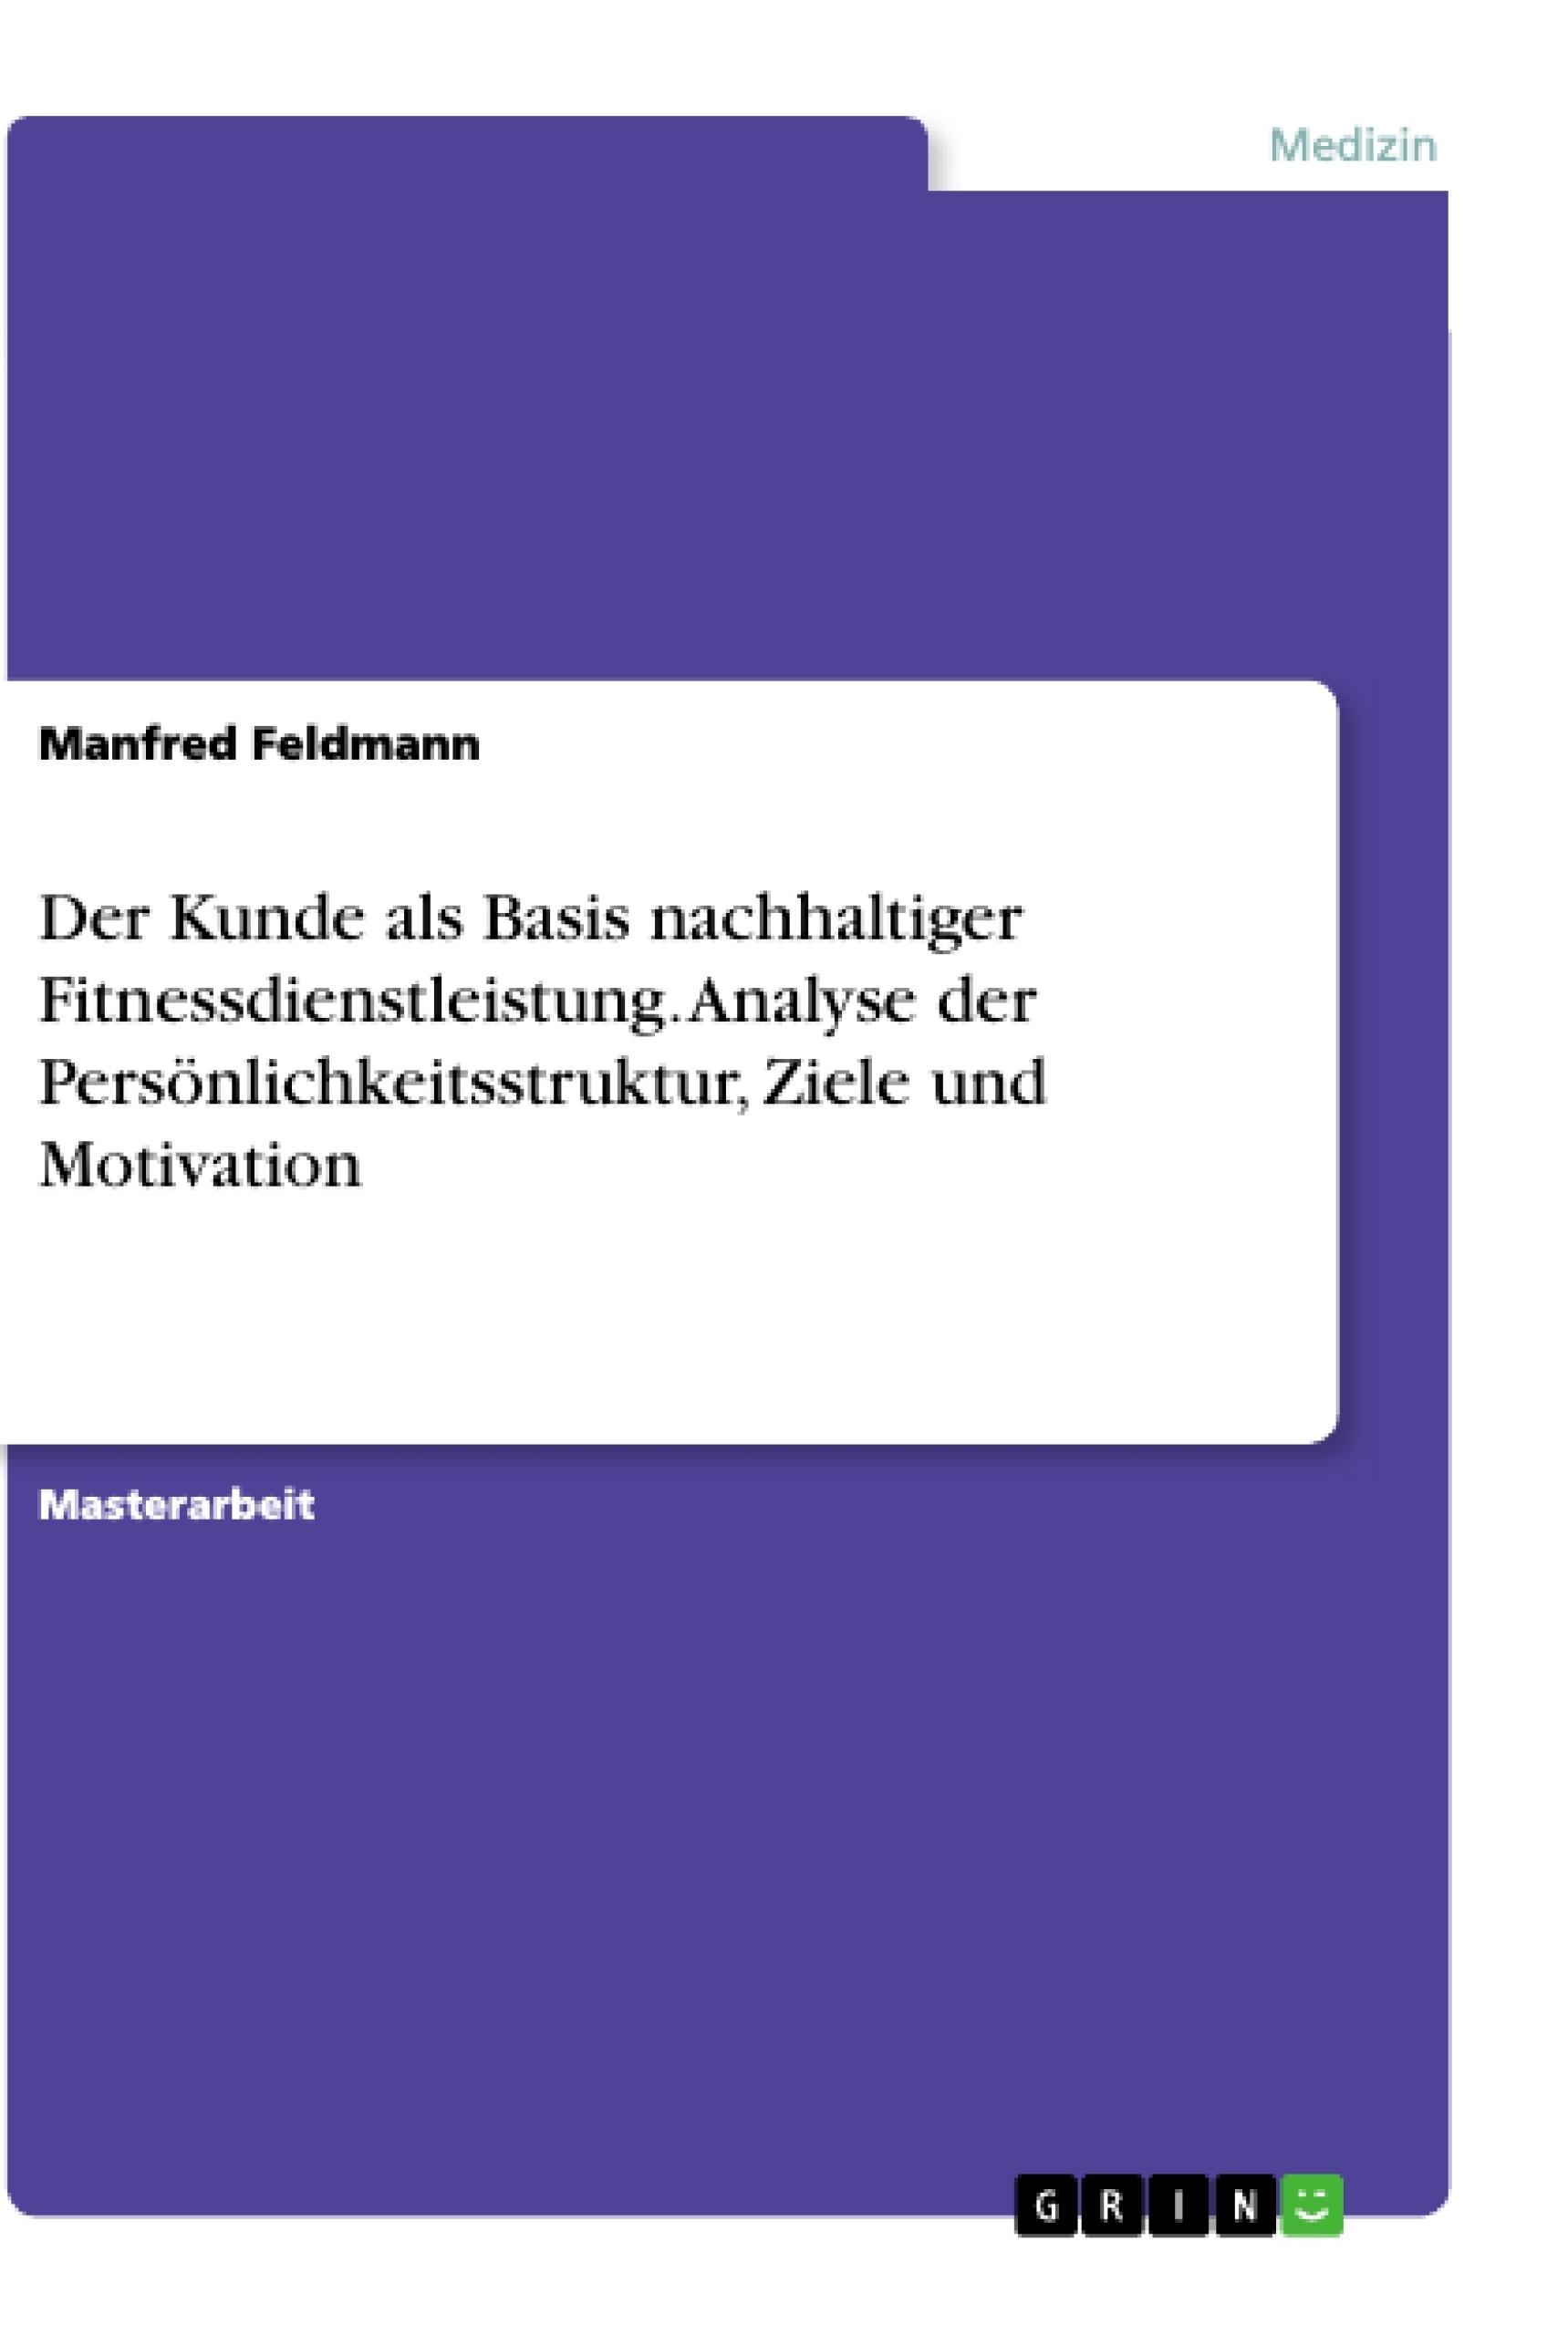 Titel: Der Kunde als Basis nachhaltiger Fitnessdienstleistung. Analyse der Persönlichkeitsstruktur, Ziele und Motivation